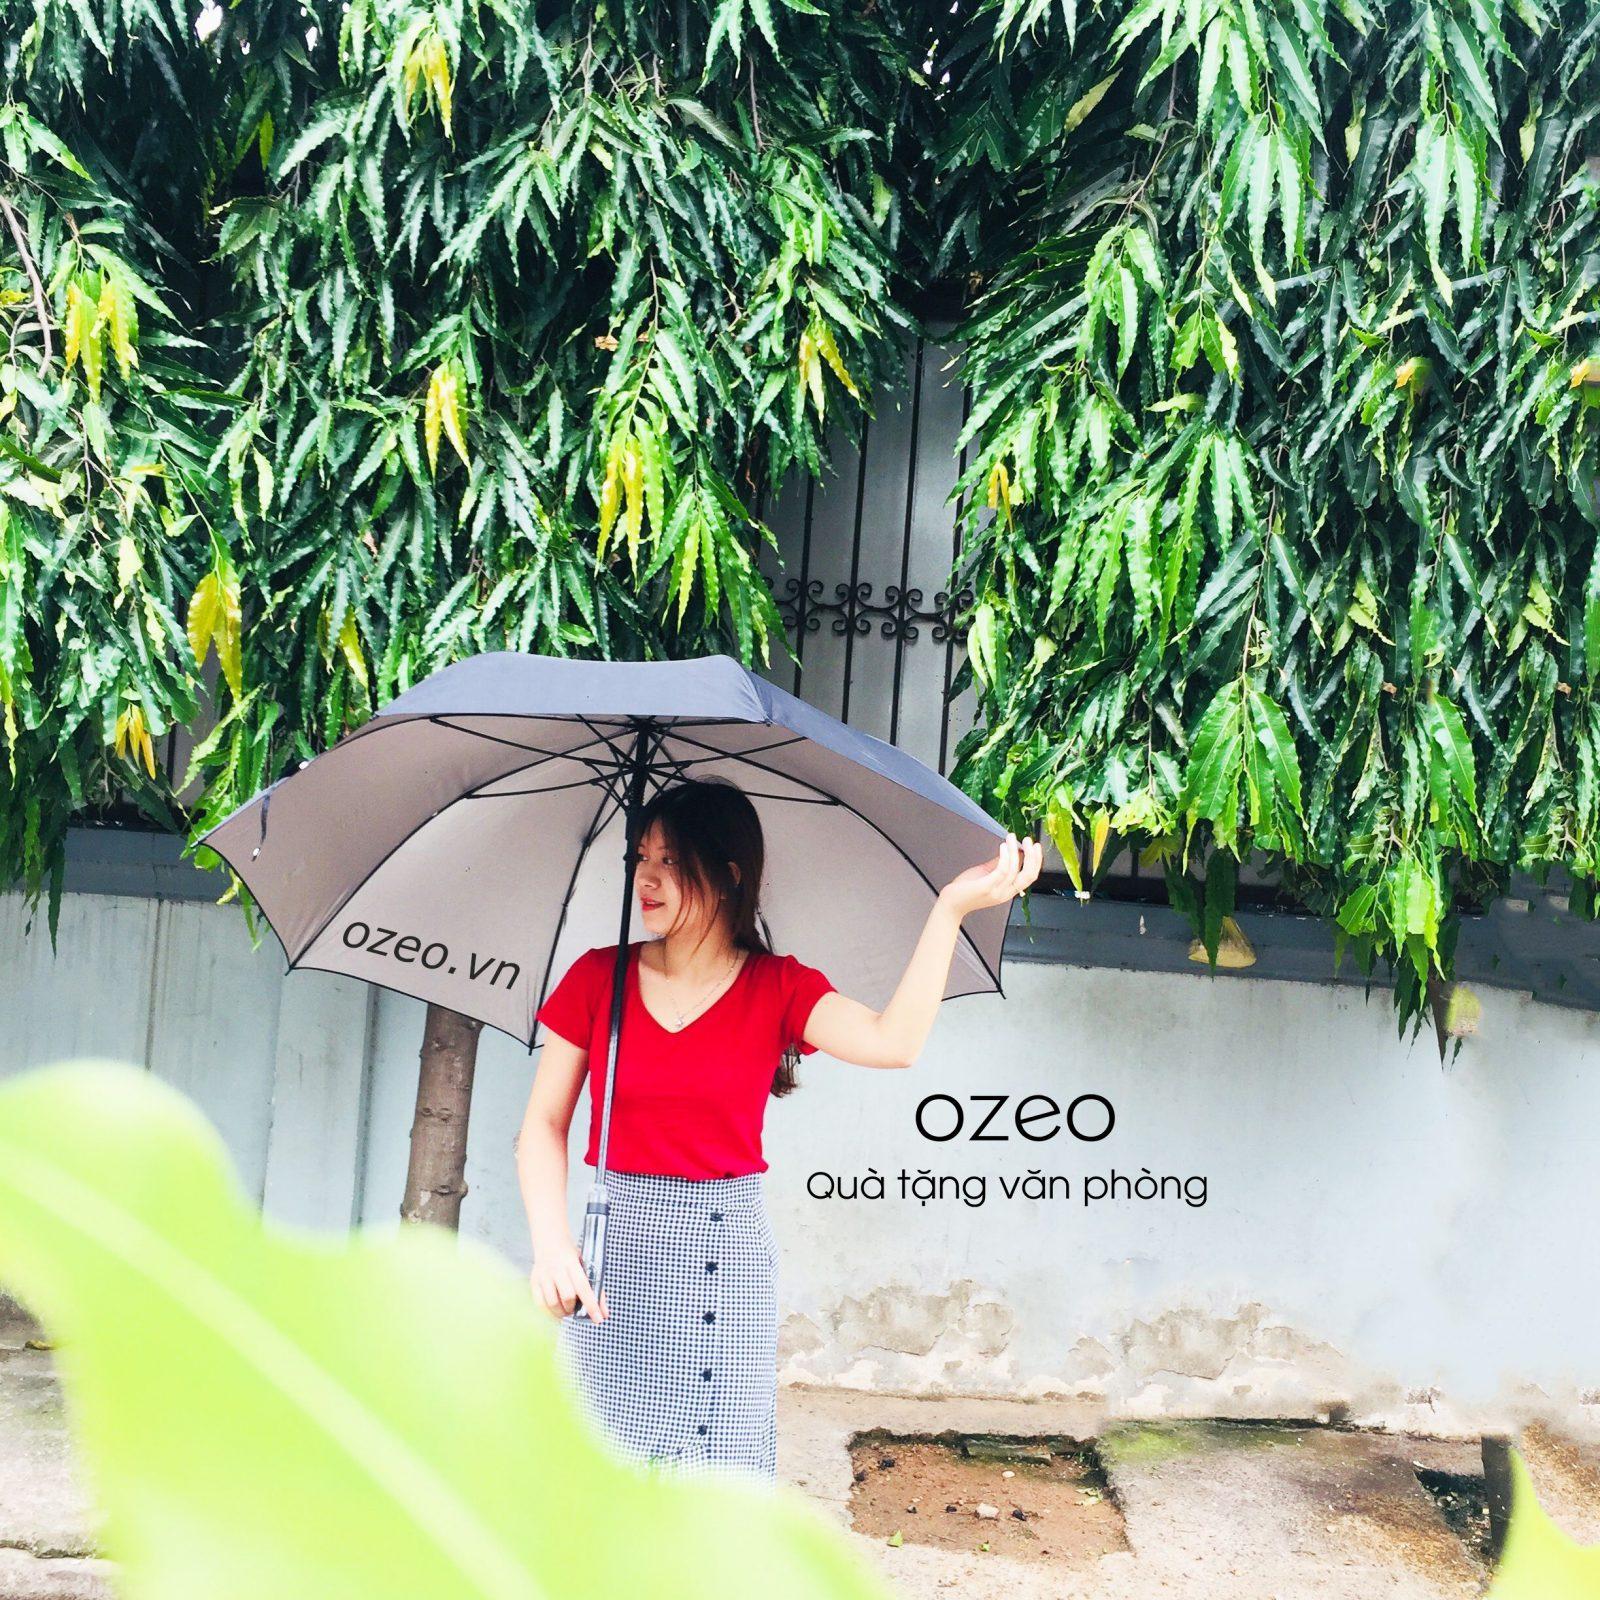 Khả năng che nắng, che mưa của dù Poly đen cực tốt.